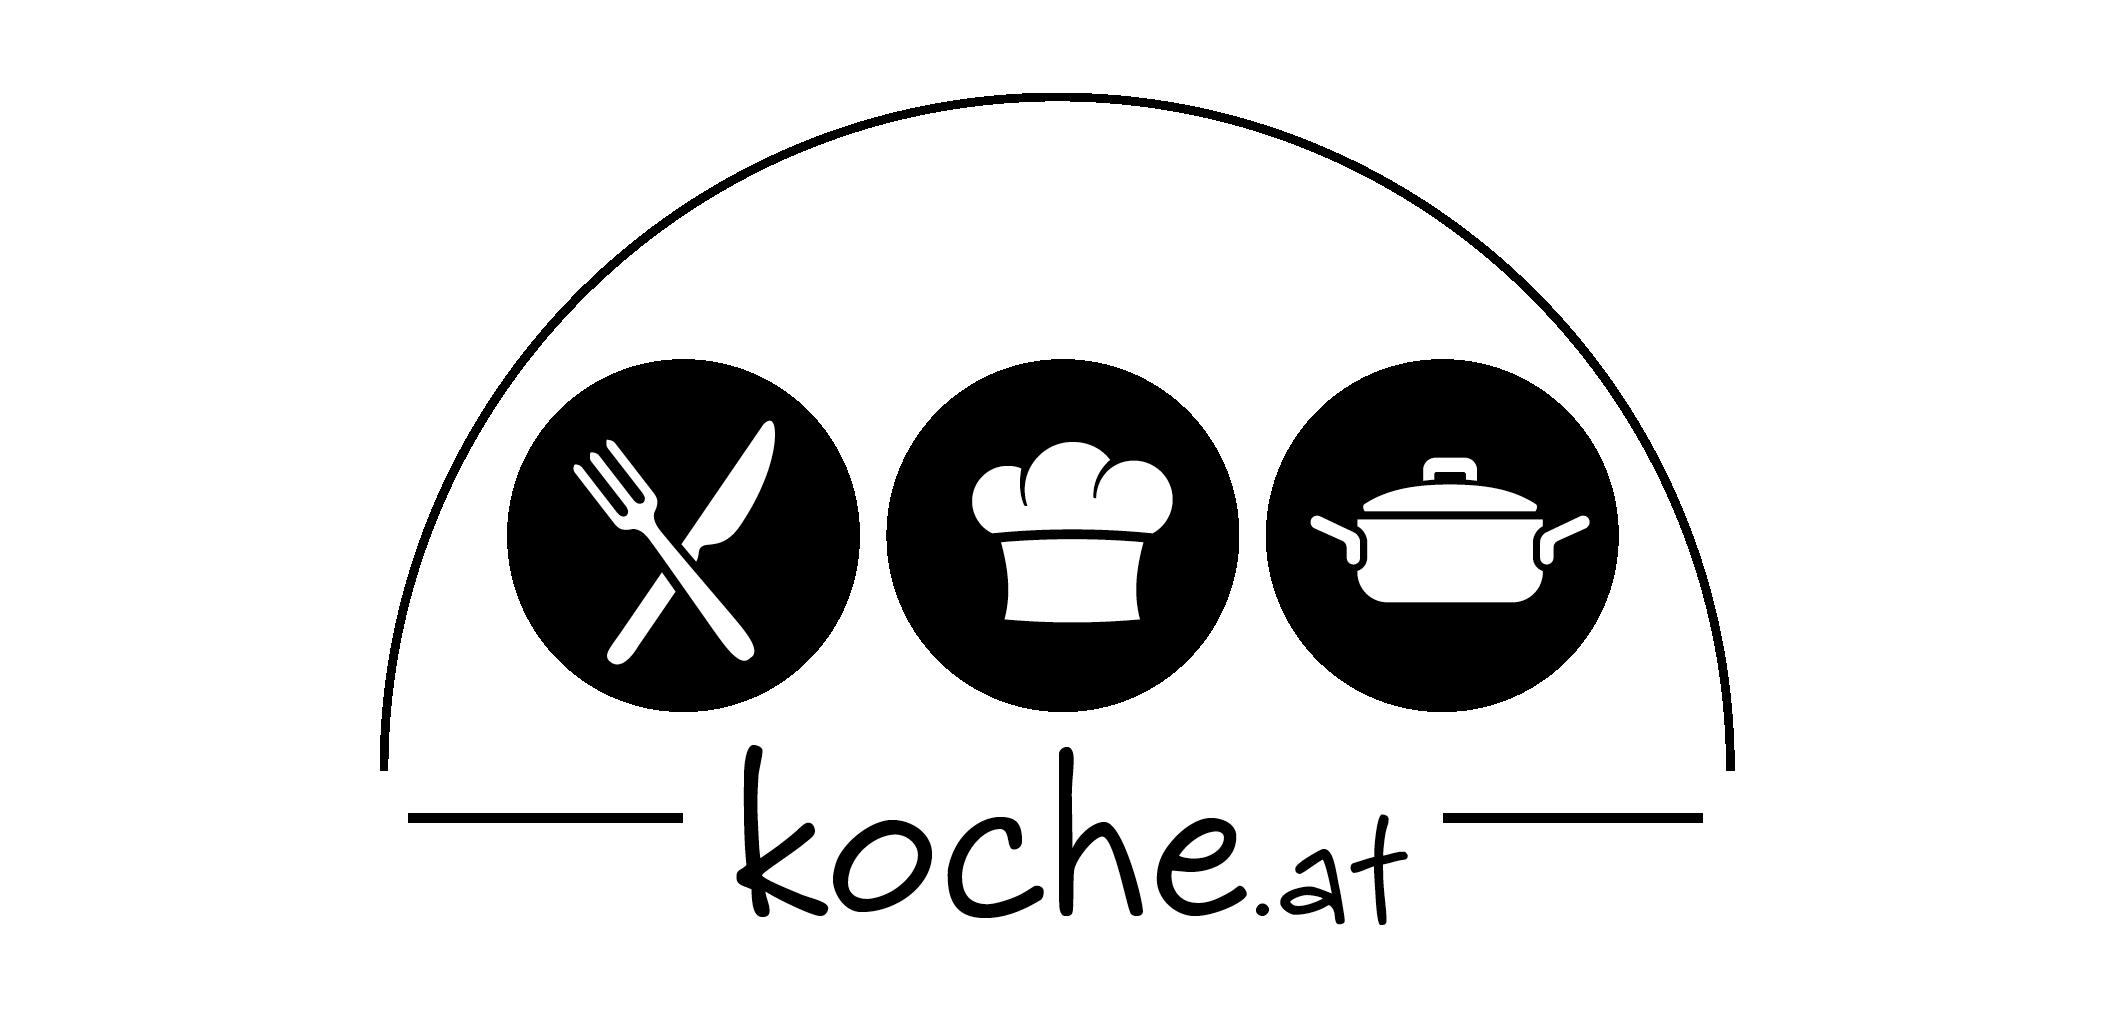 koche.at